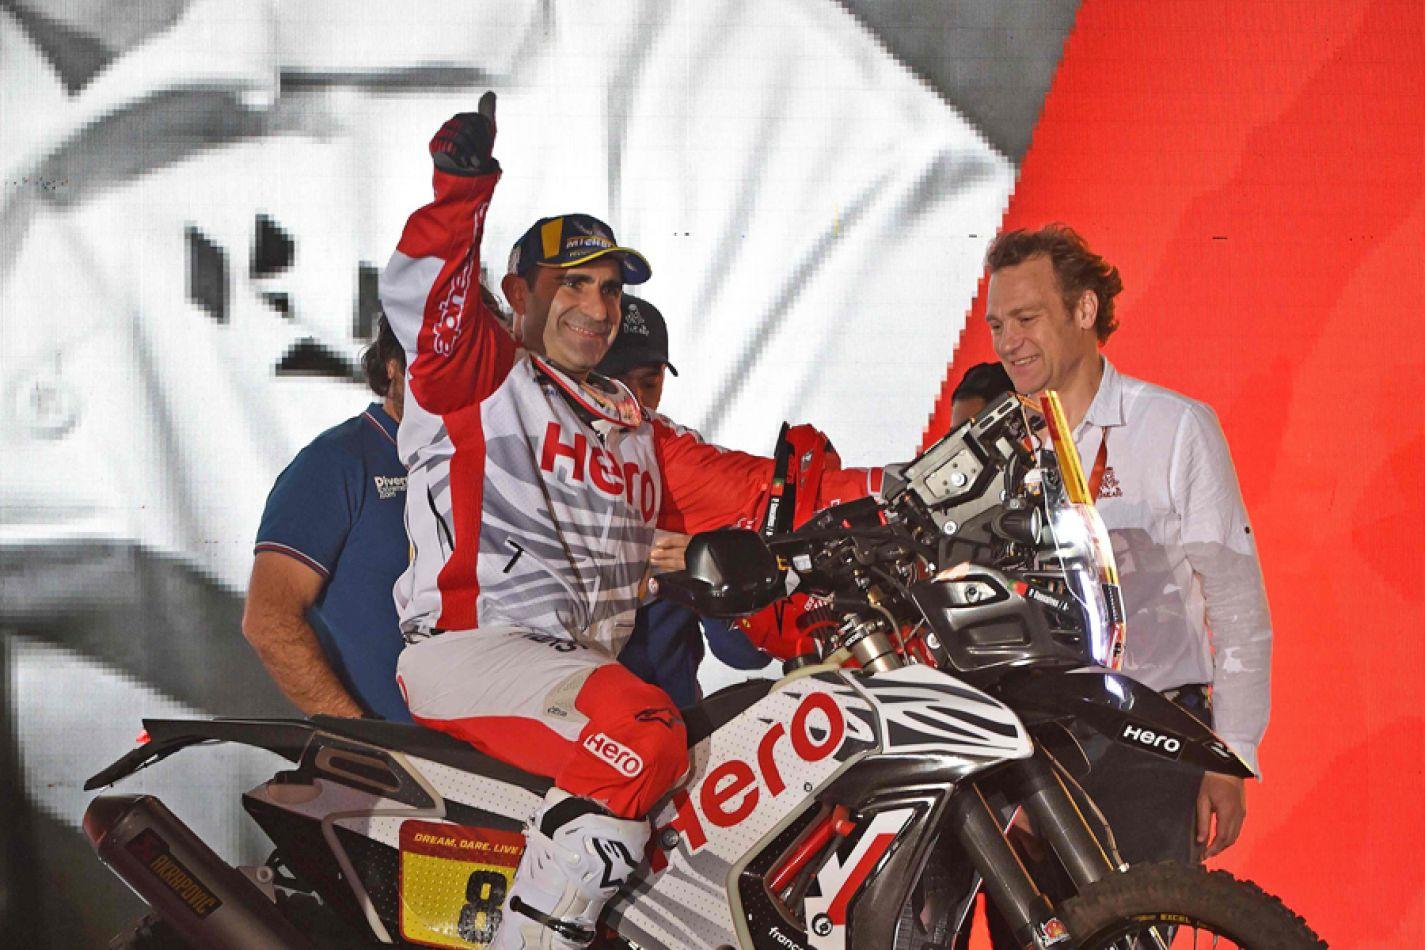 El piloto portugués Paulo Gonçalves (Hero MotoSports) murió este domingo a los 40 años